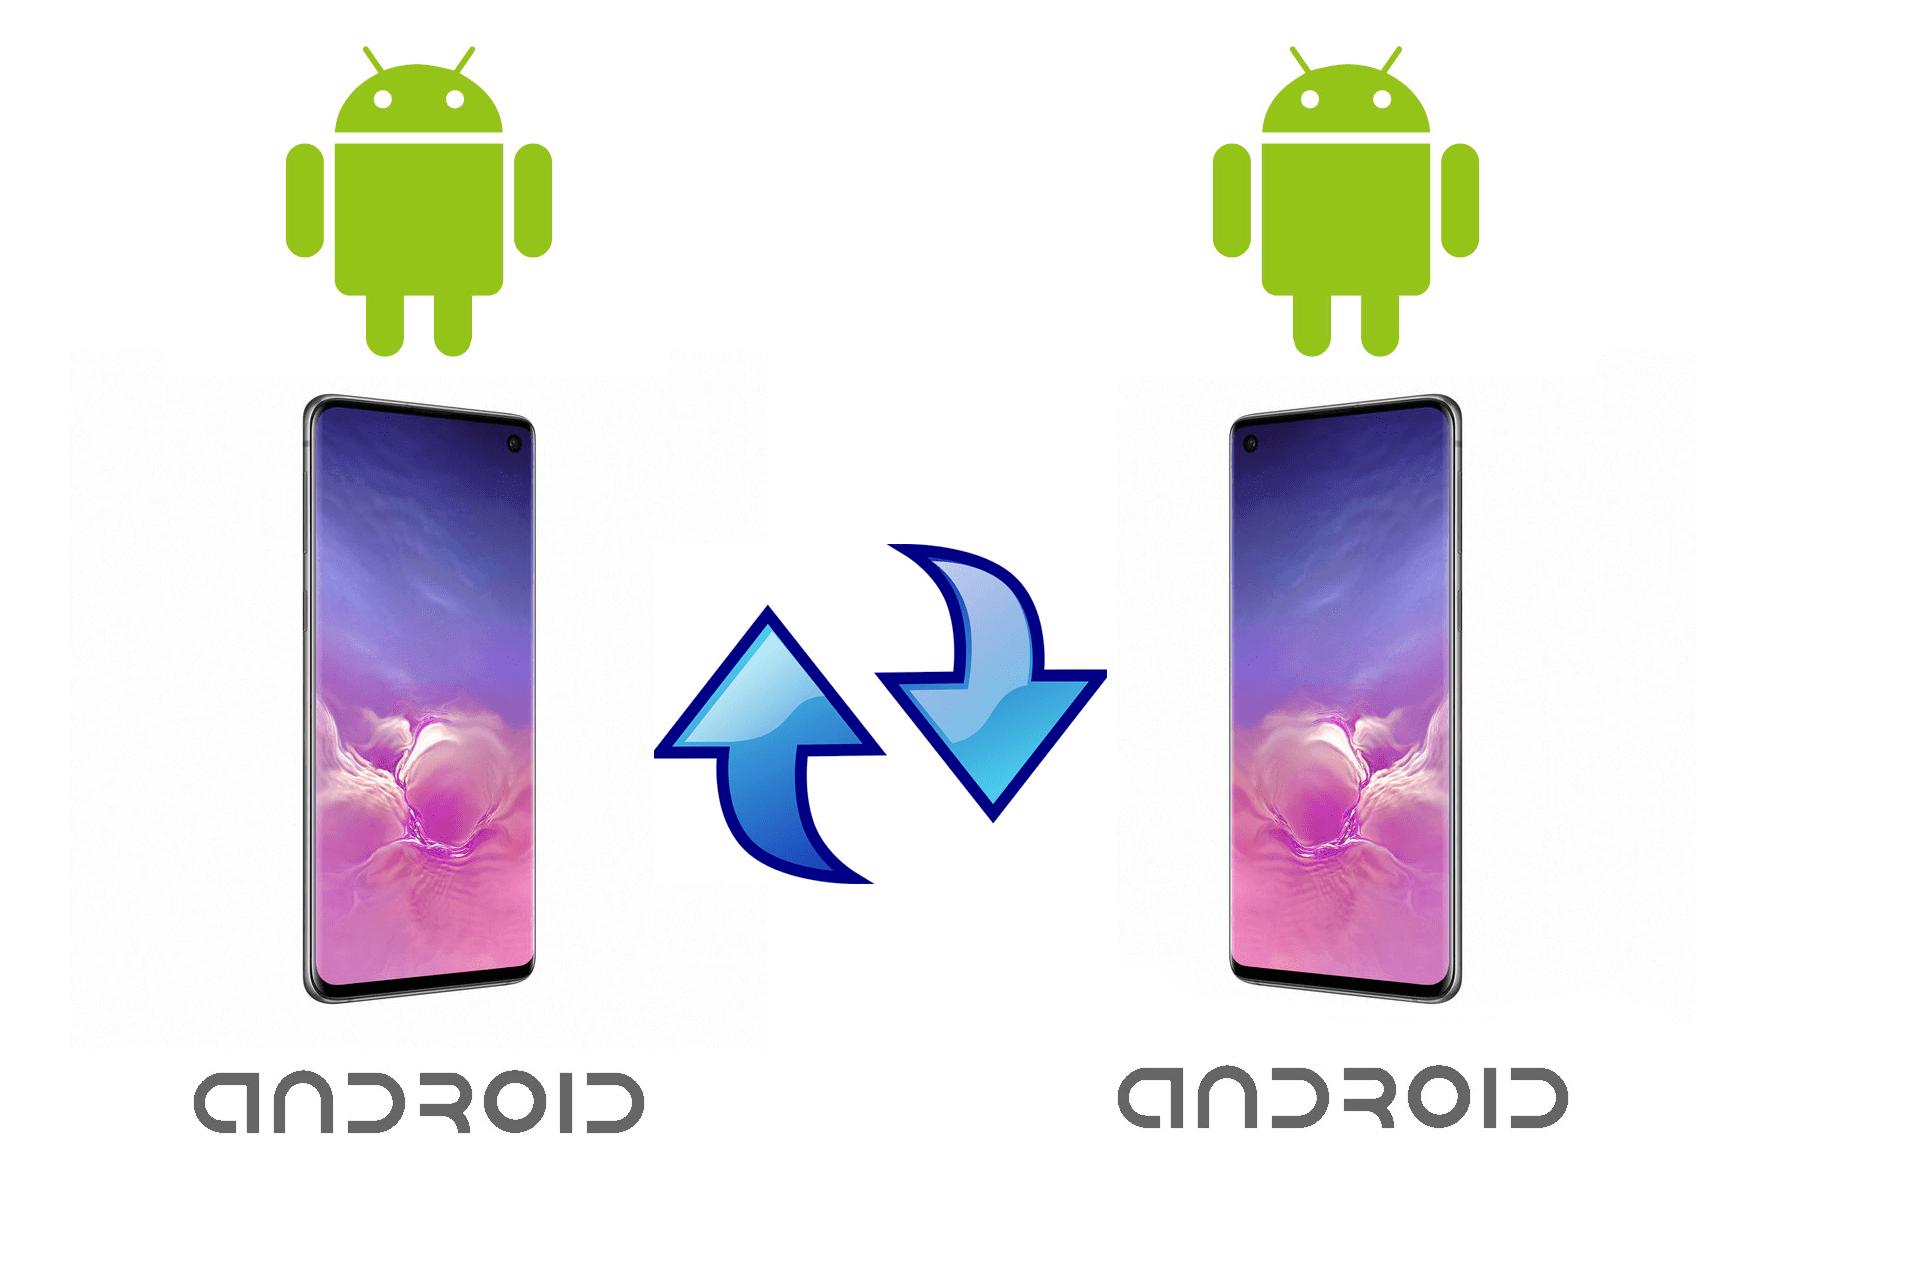 Trasferire dati da Android ad Android con CLONEit